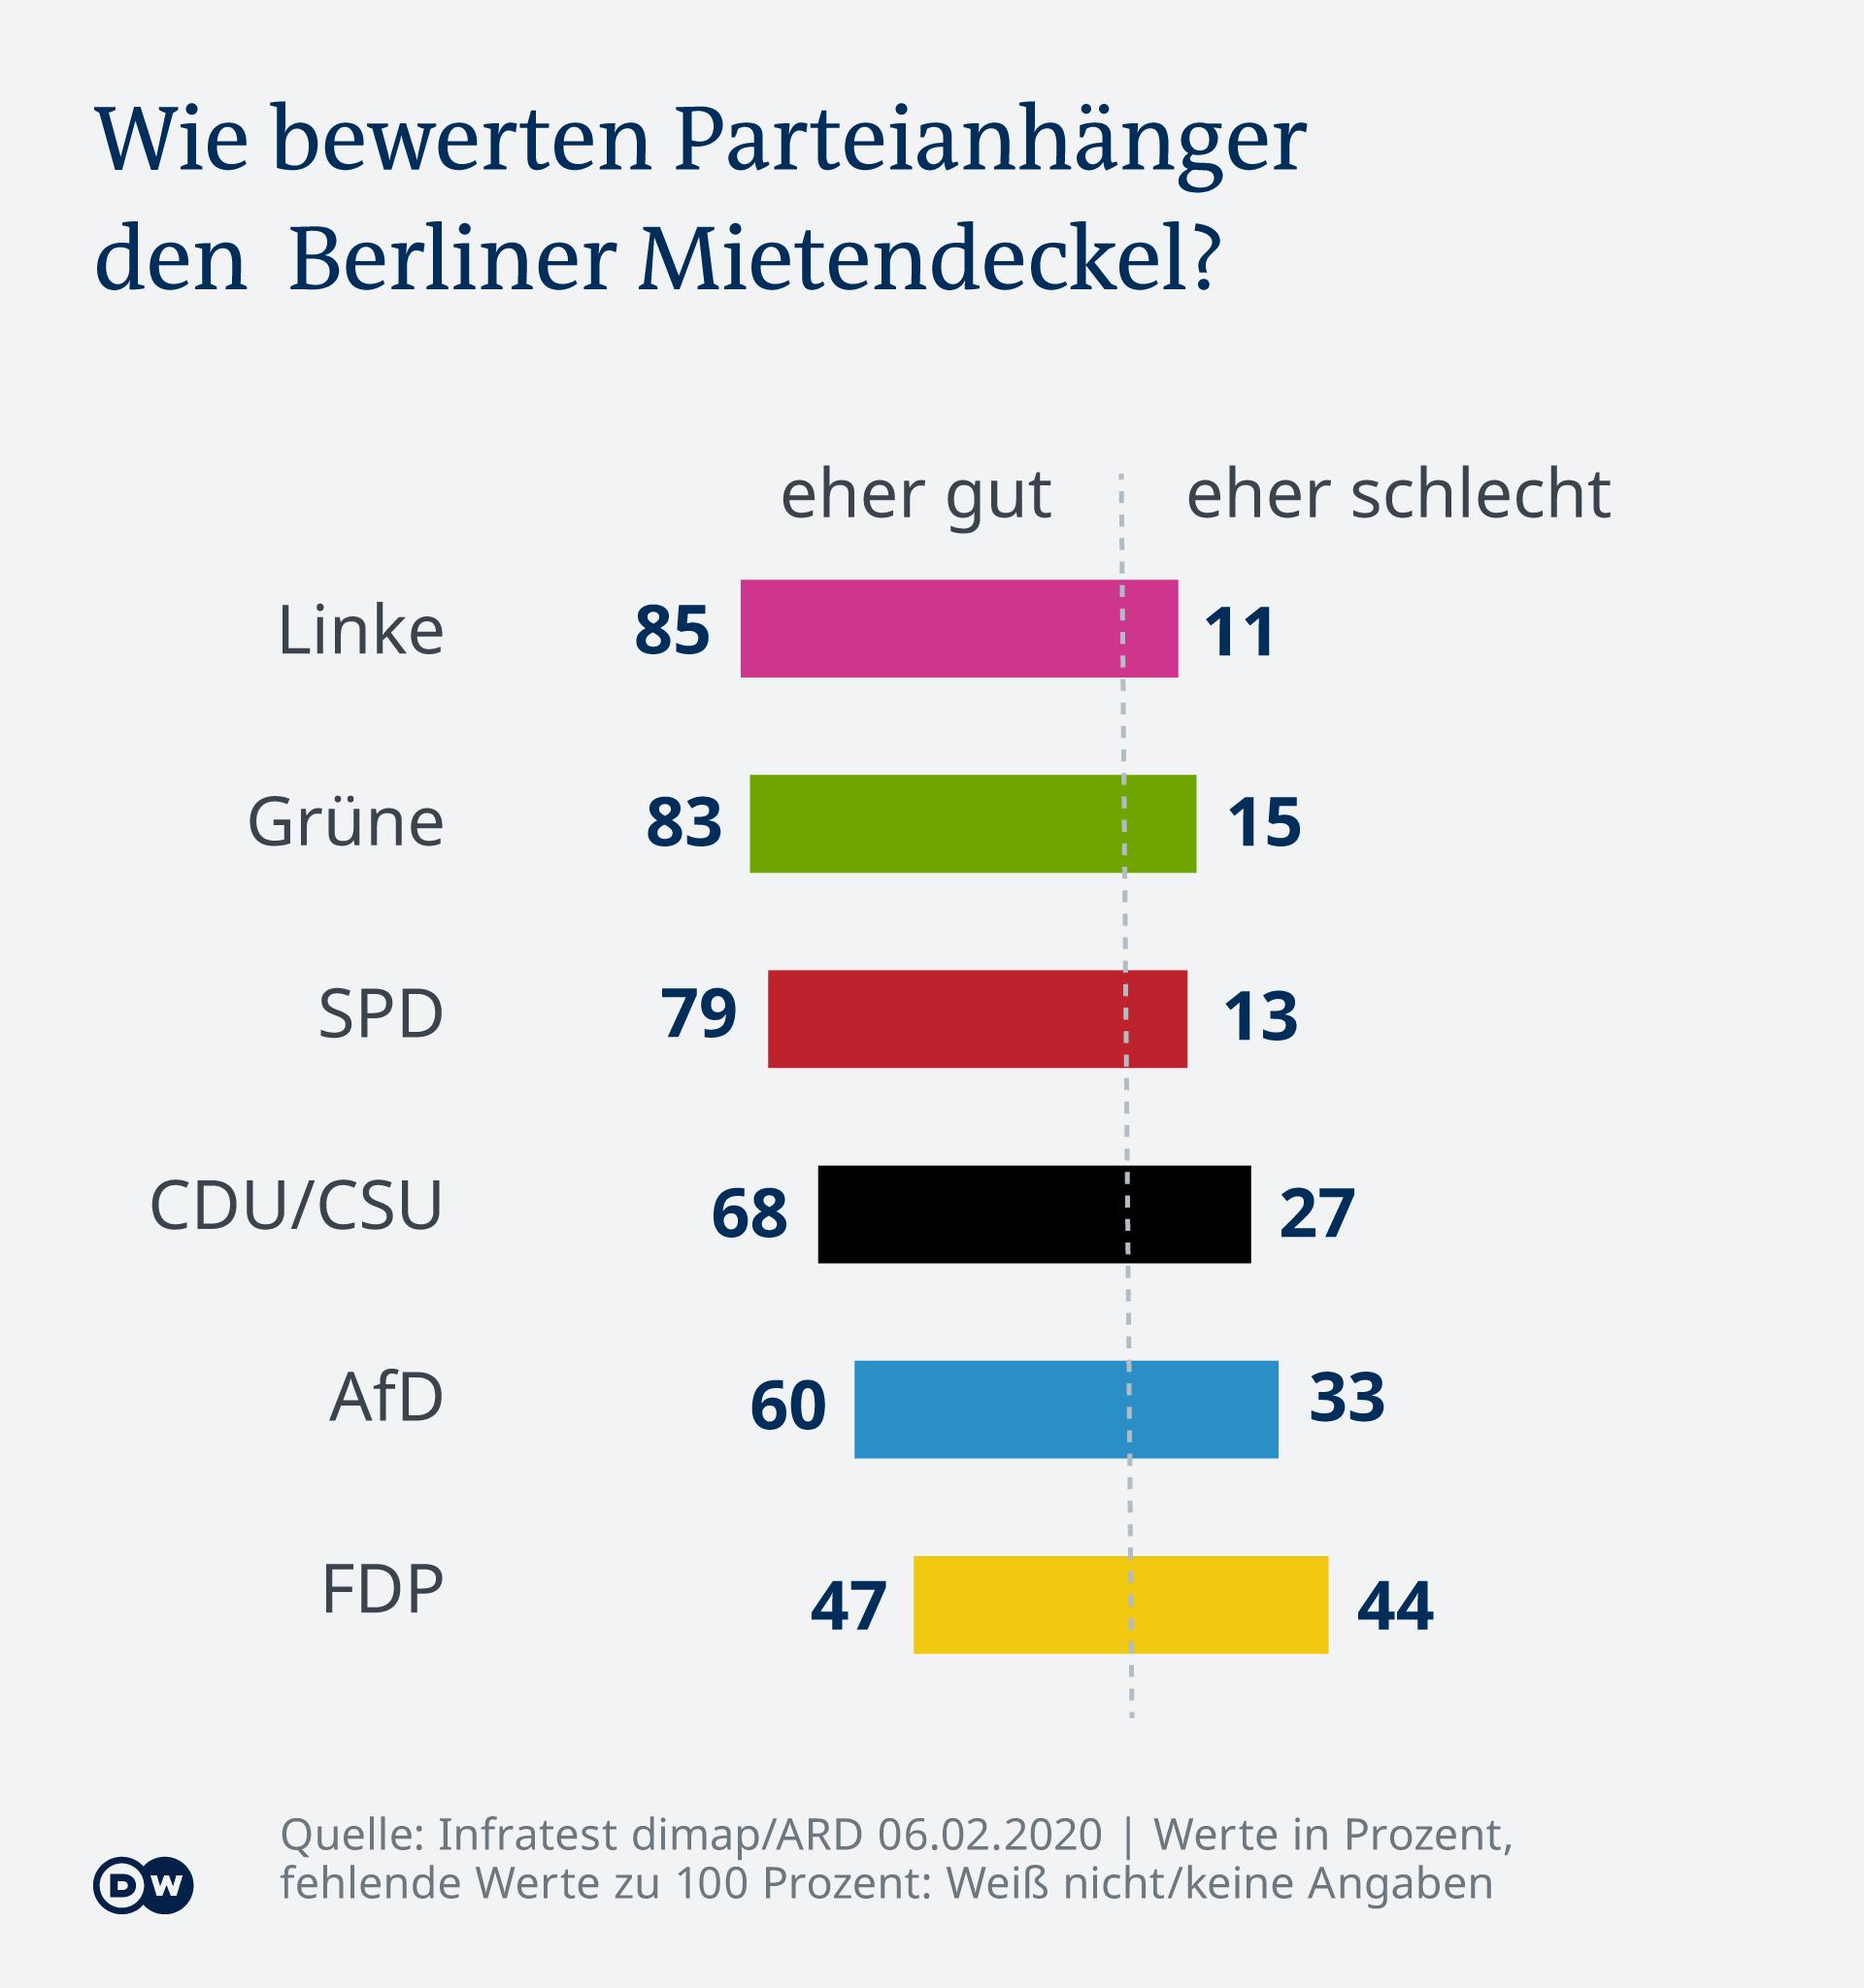 Infographie - Tendance en Allemagne: comment les partisans du parti évaluent-ils le plafond de loyer de Berlin? - DE